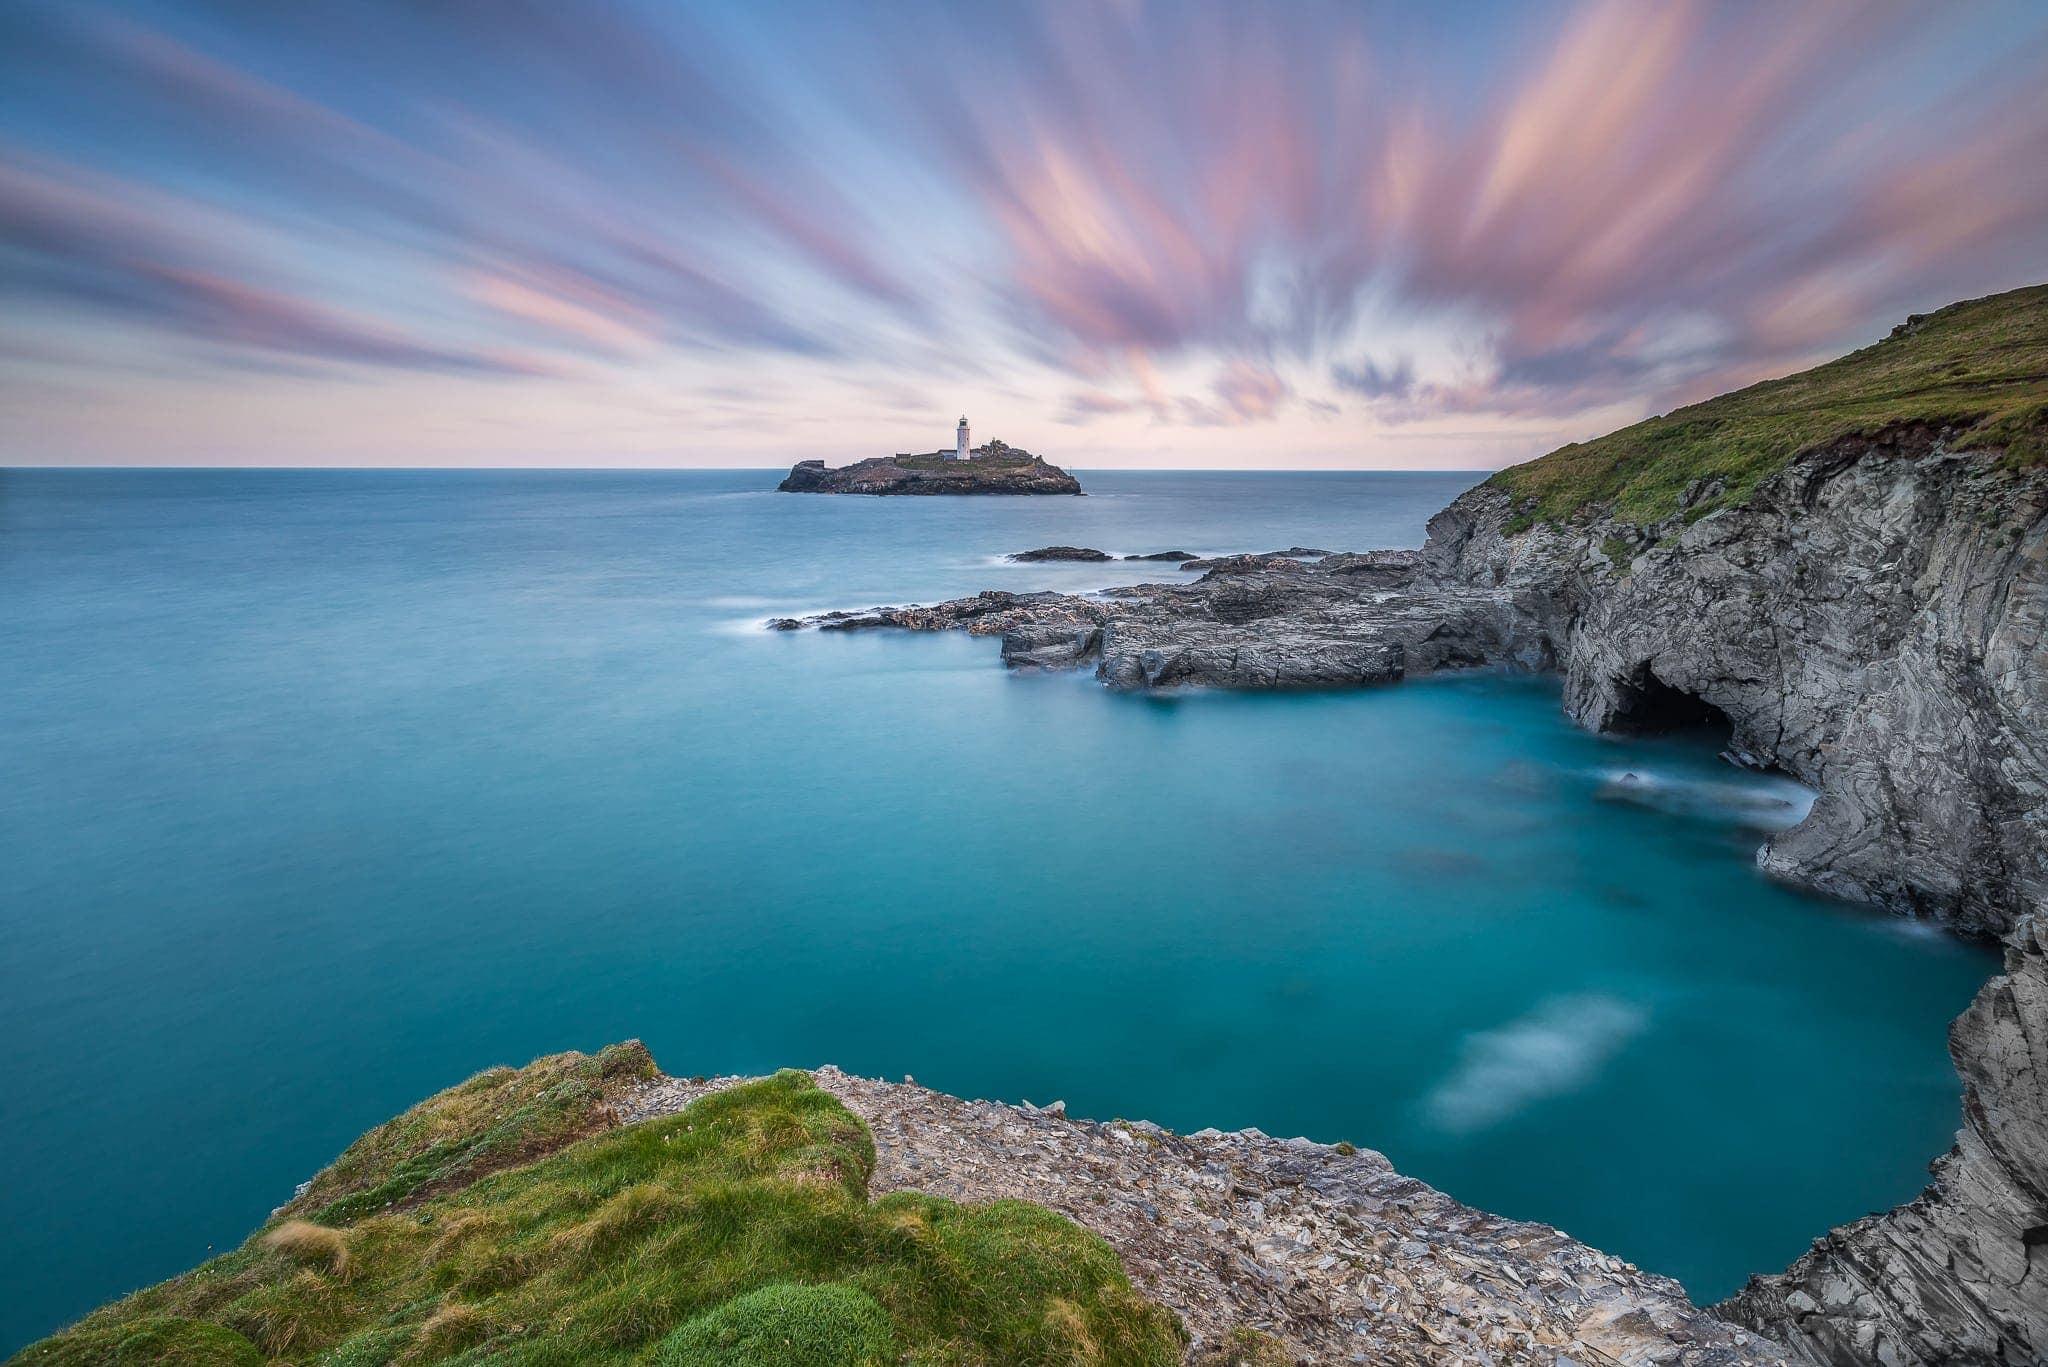 Francesco Gola Seascape Landscape Photography uk Cornwall Godrevy Lighthouse Long Exposure